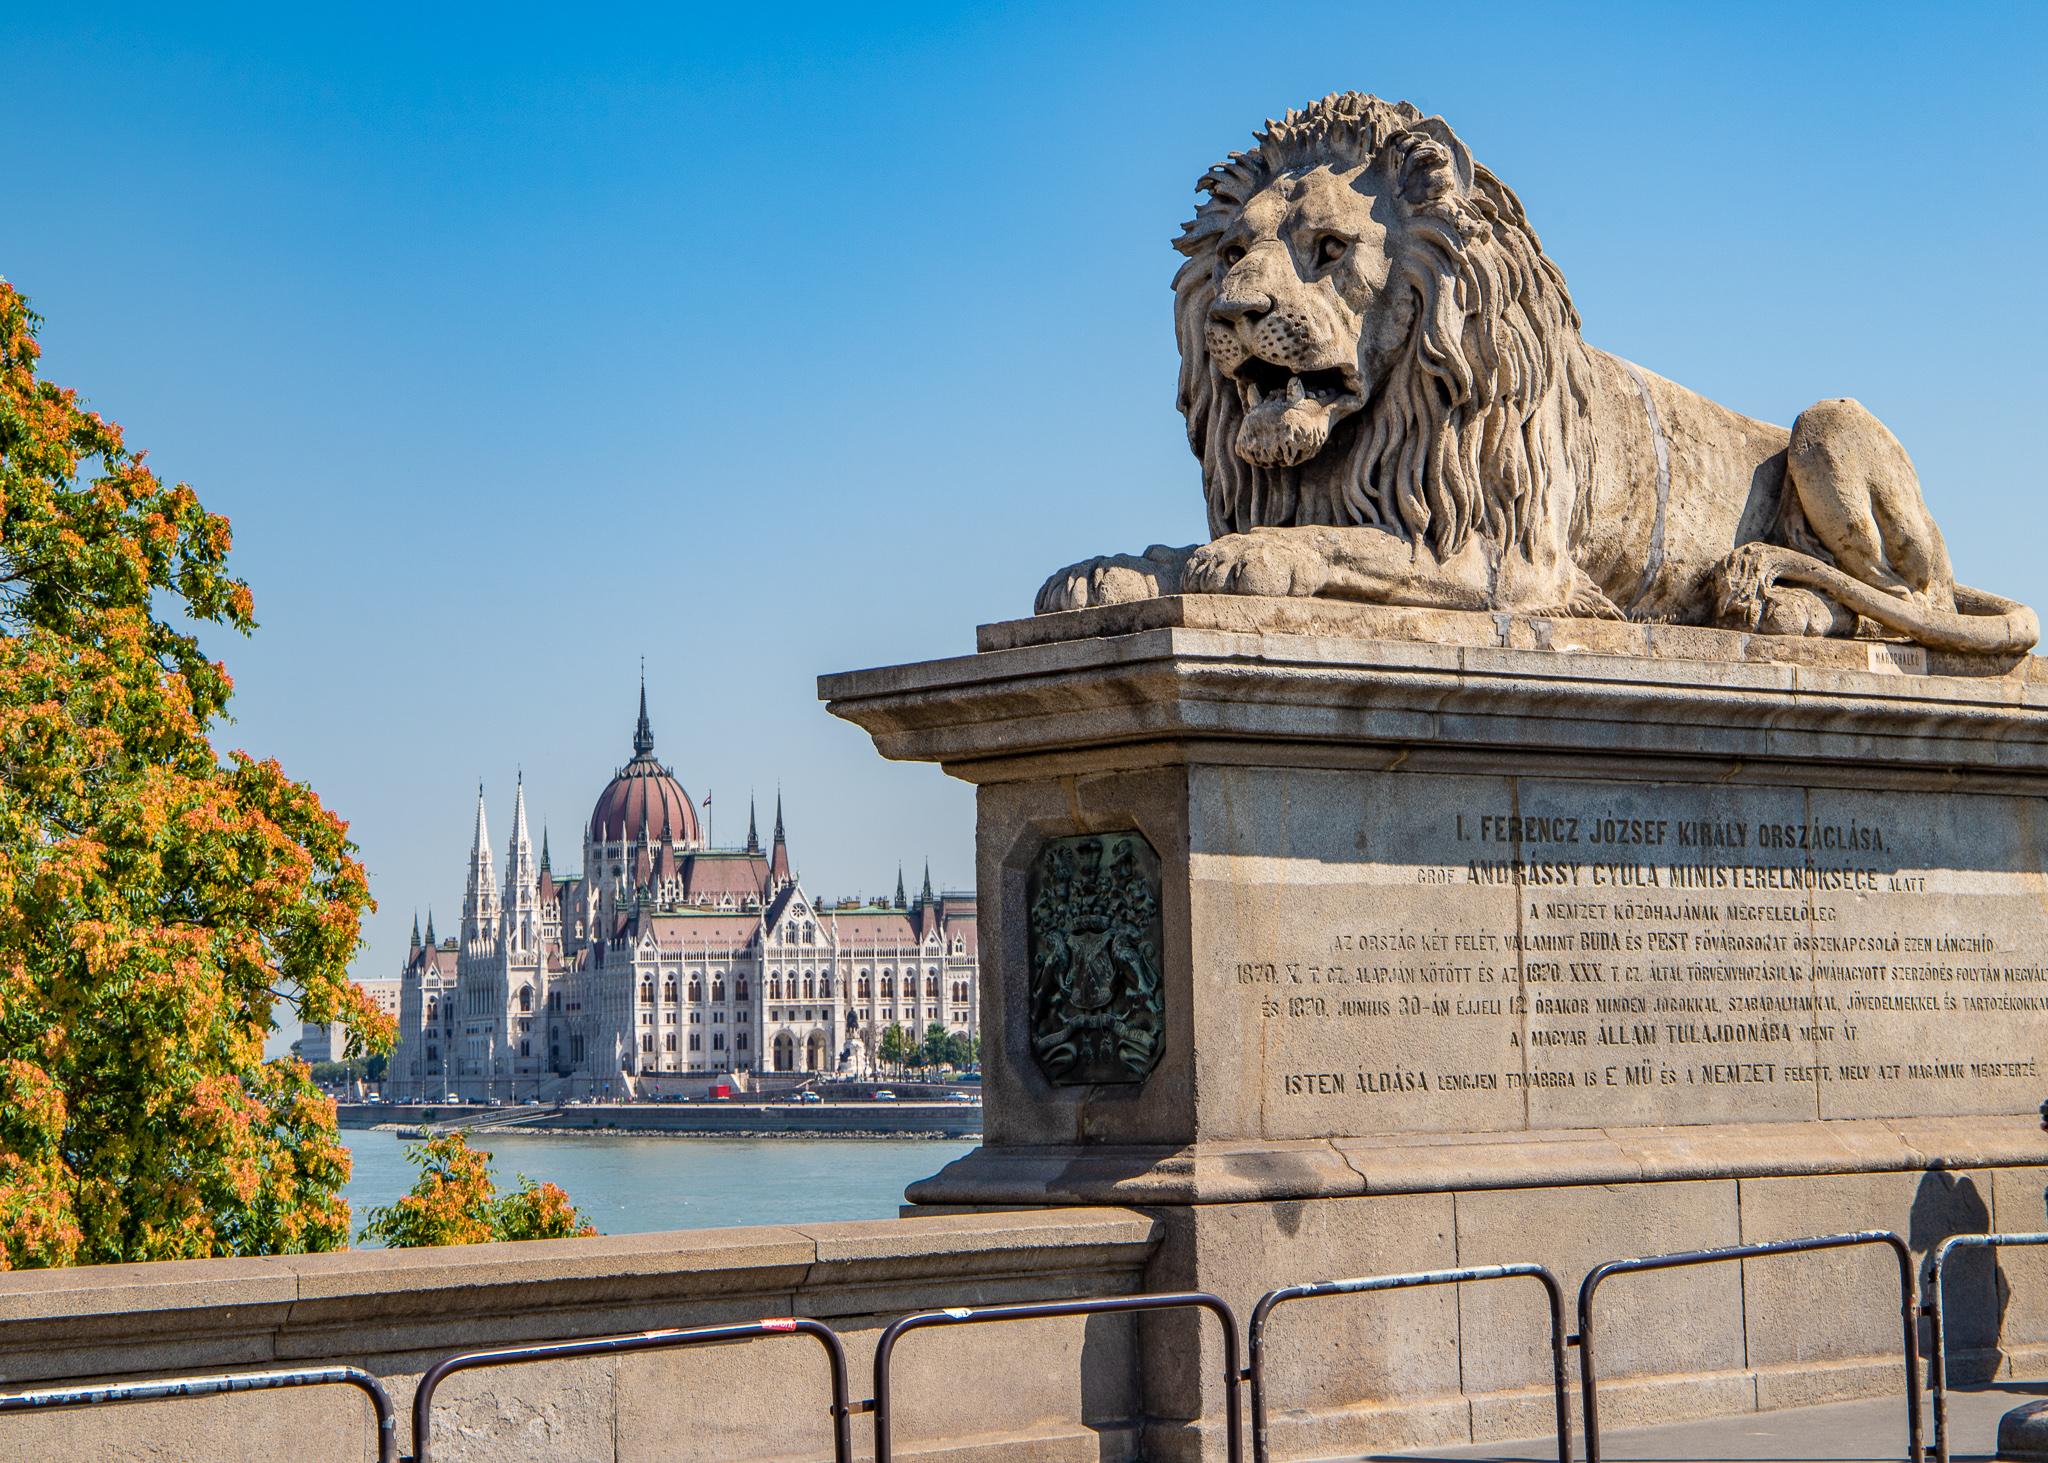 The bridge's lions